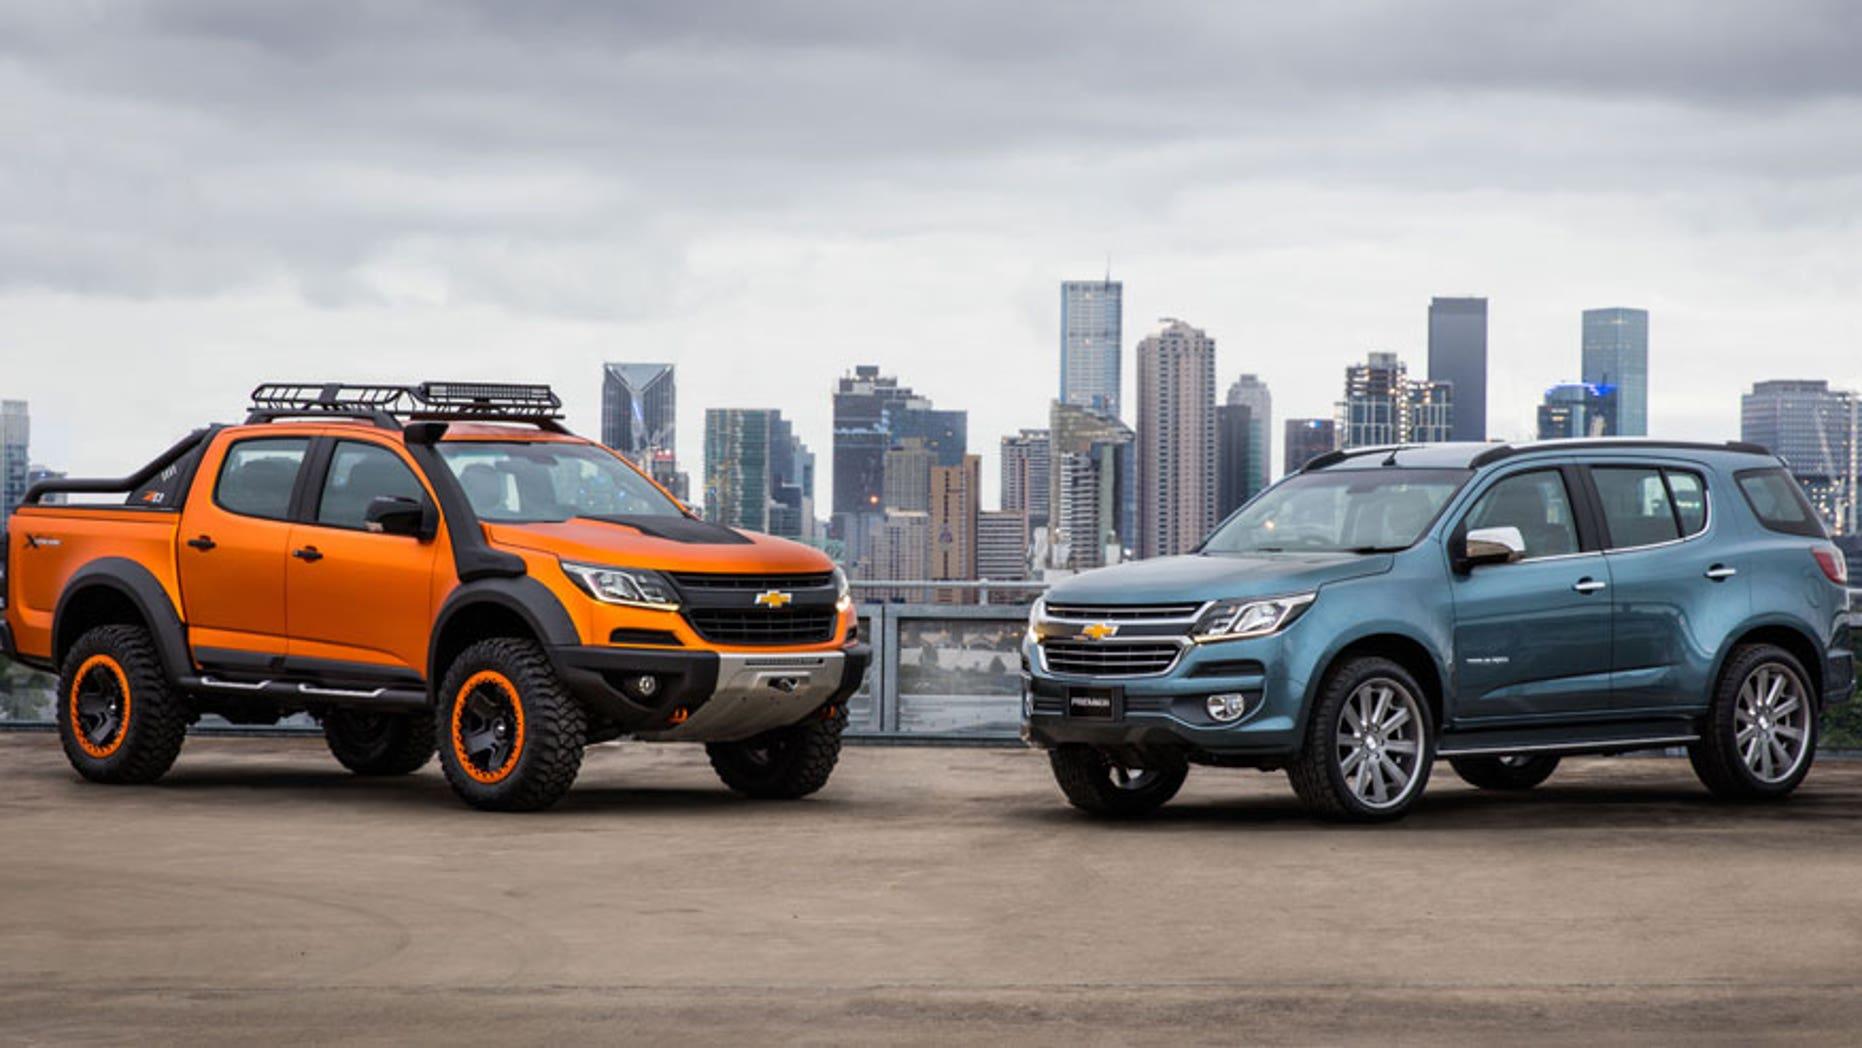 New Chevy Trailblazer Colorado Concepts Revealed Fox News